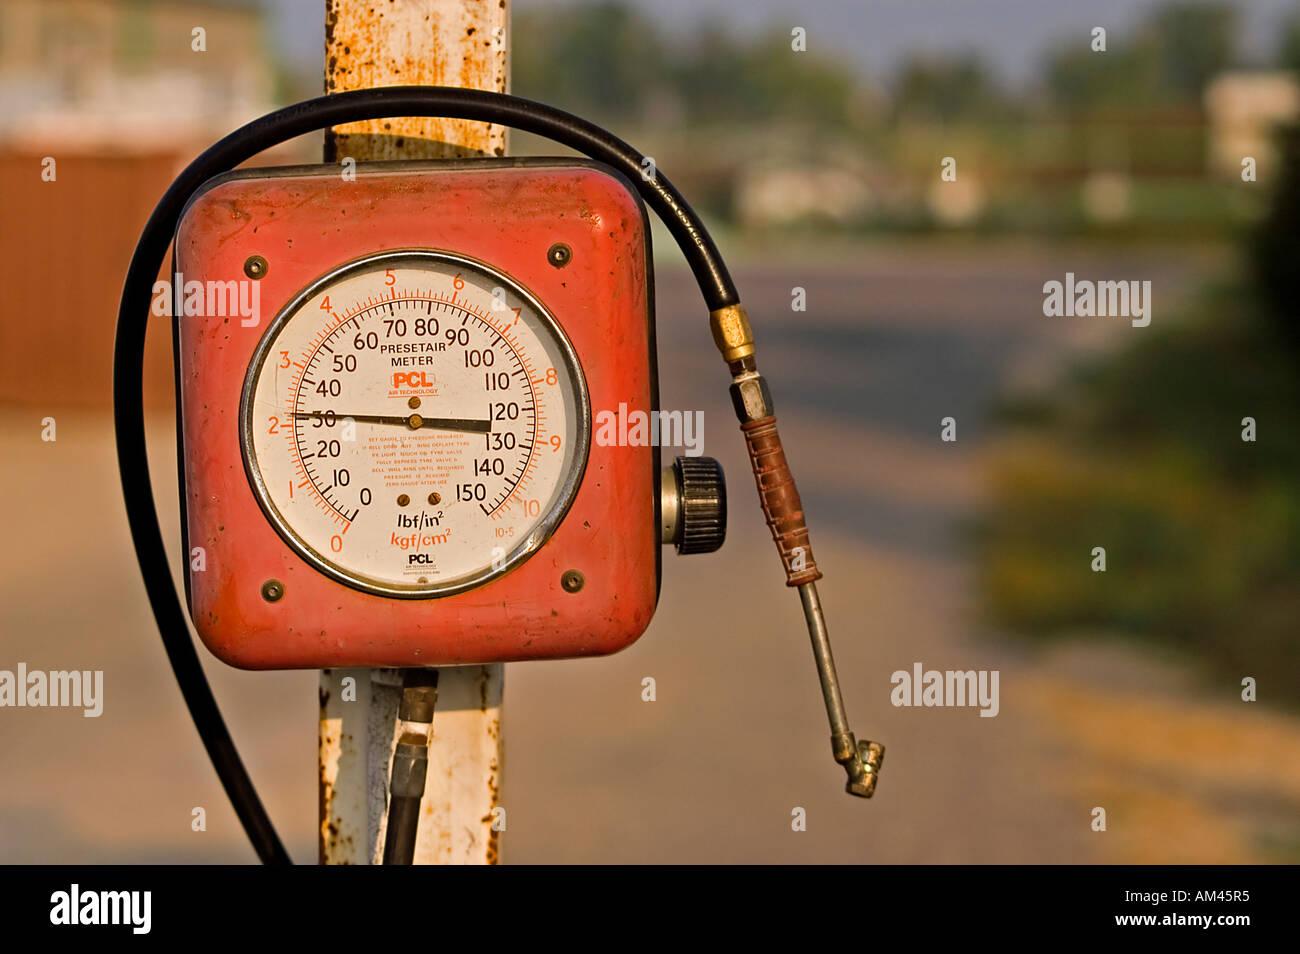 A motorcar air pump at a gas station Israel - Stock Image